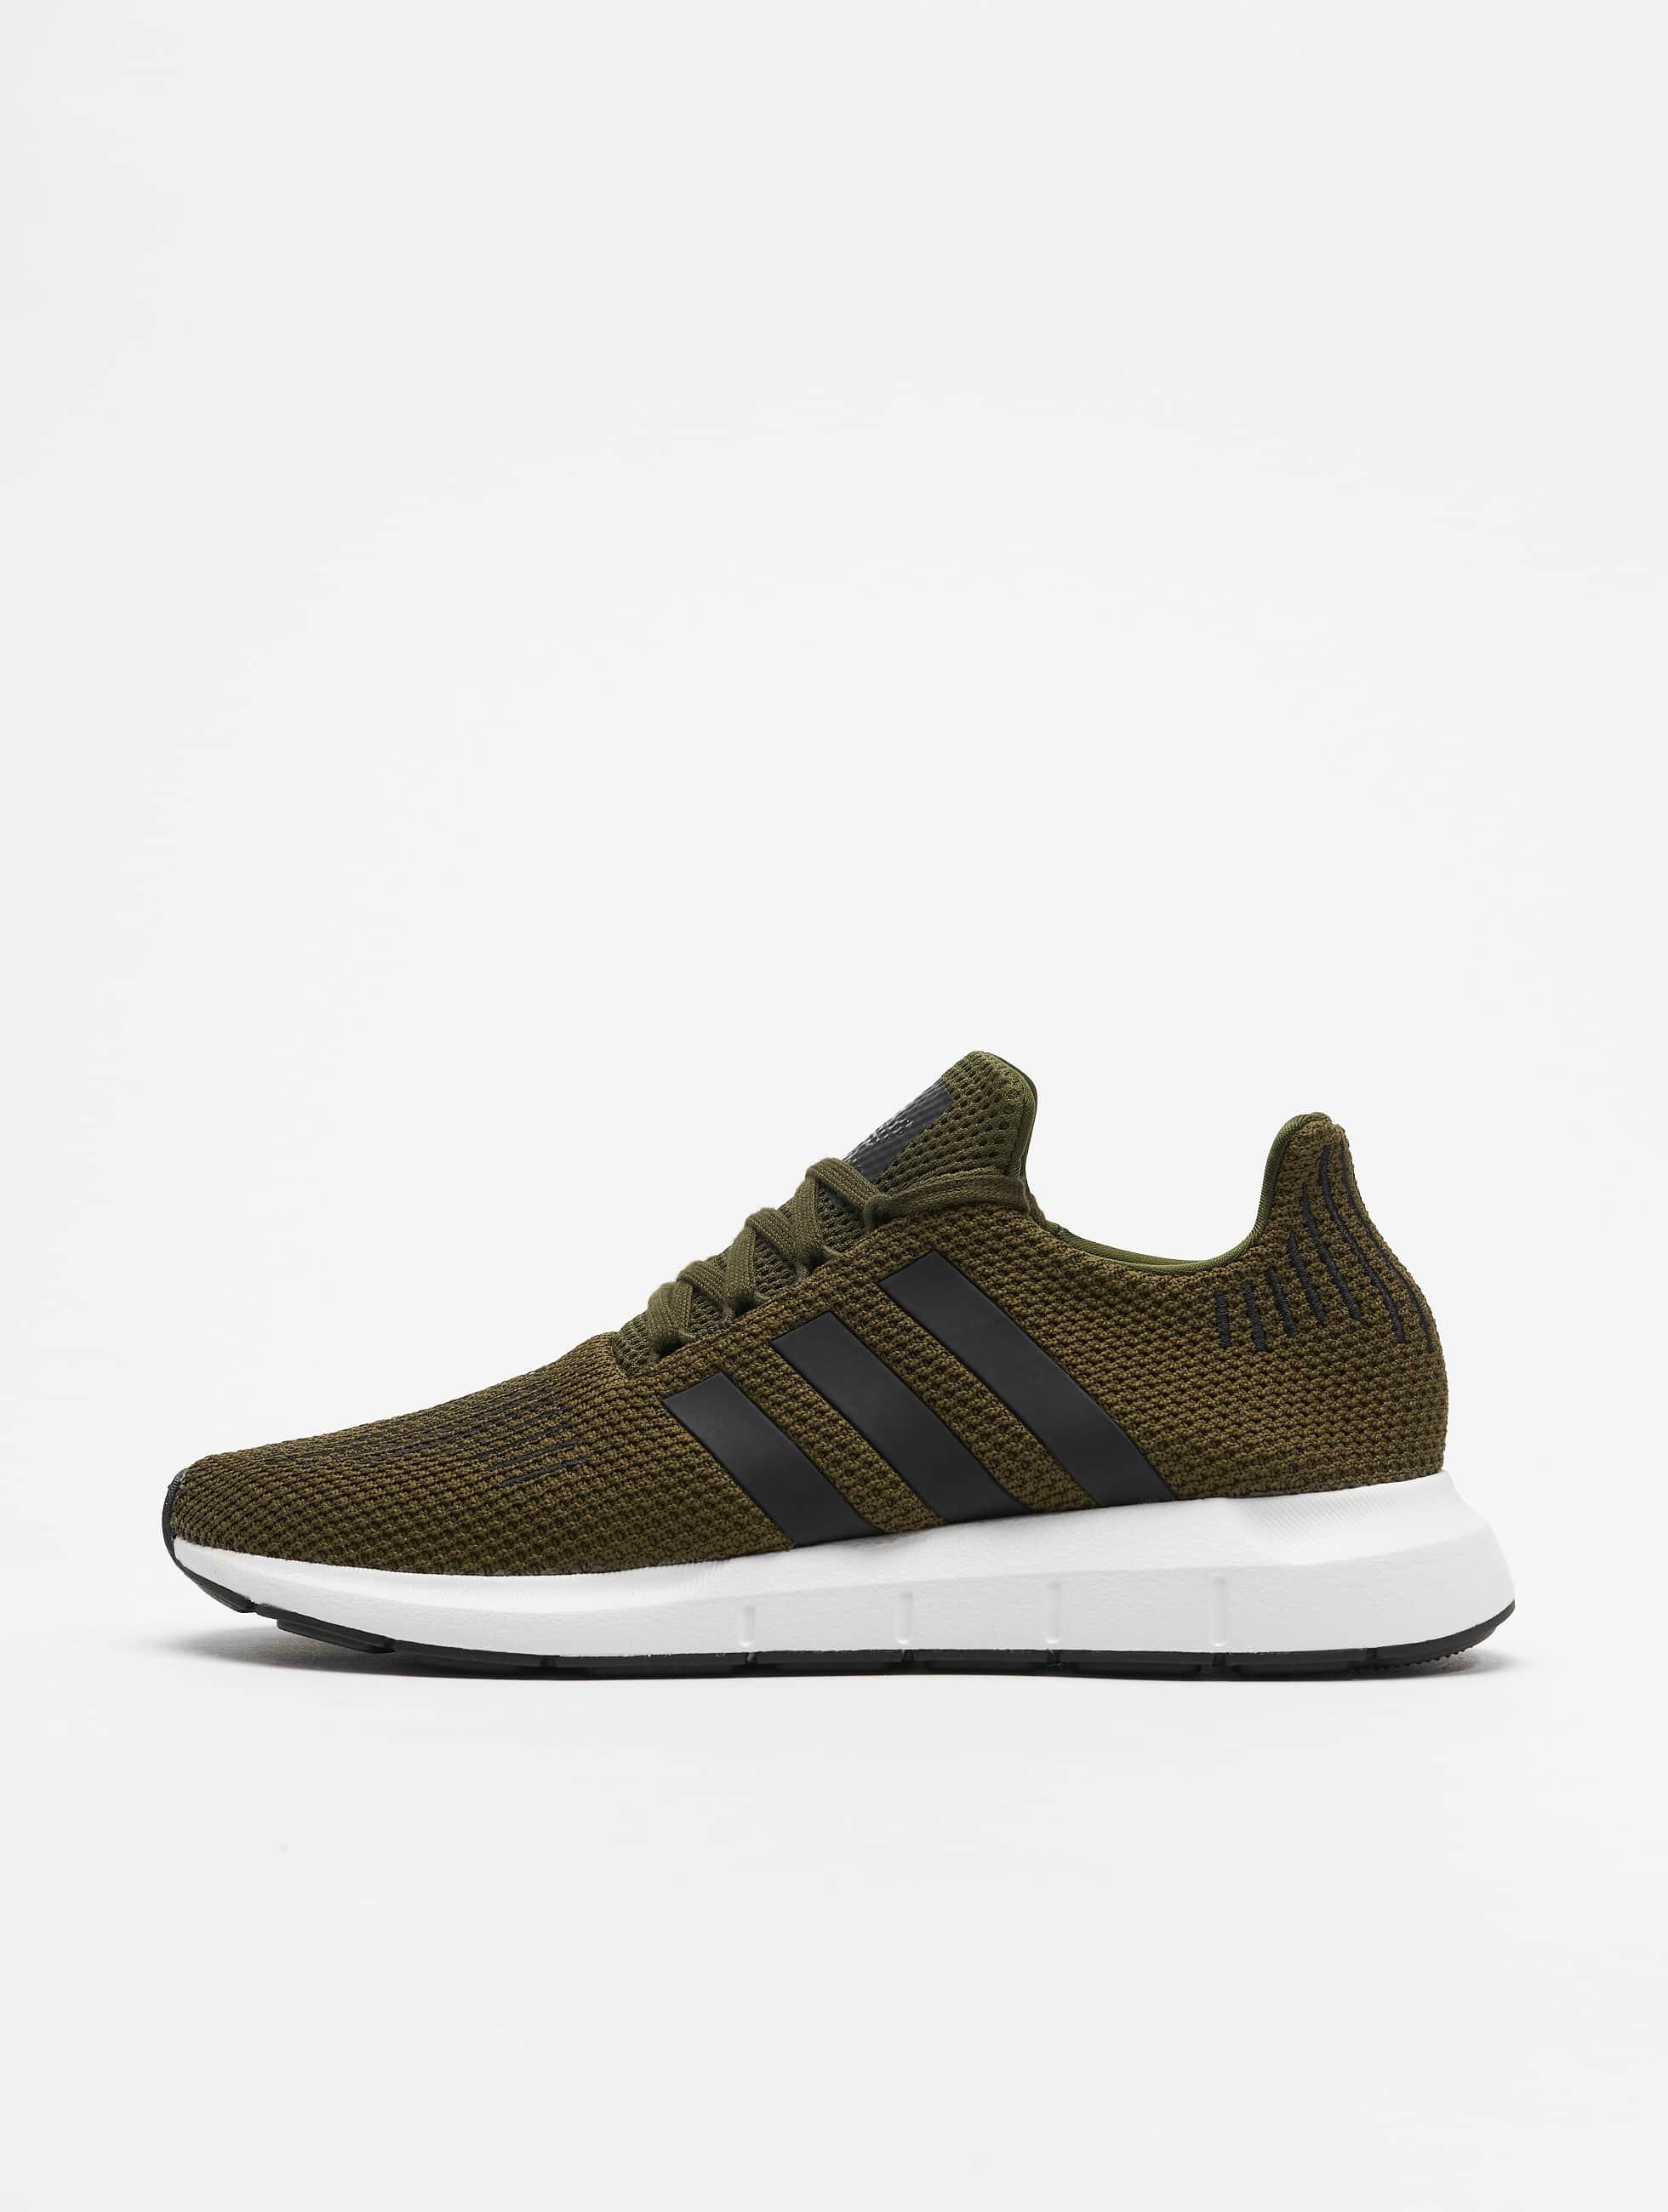 2db02fb14a2 adidas originals schoen / sneaker Swift Run in olijfgroen 543398